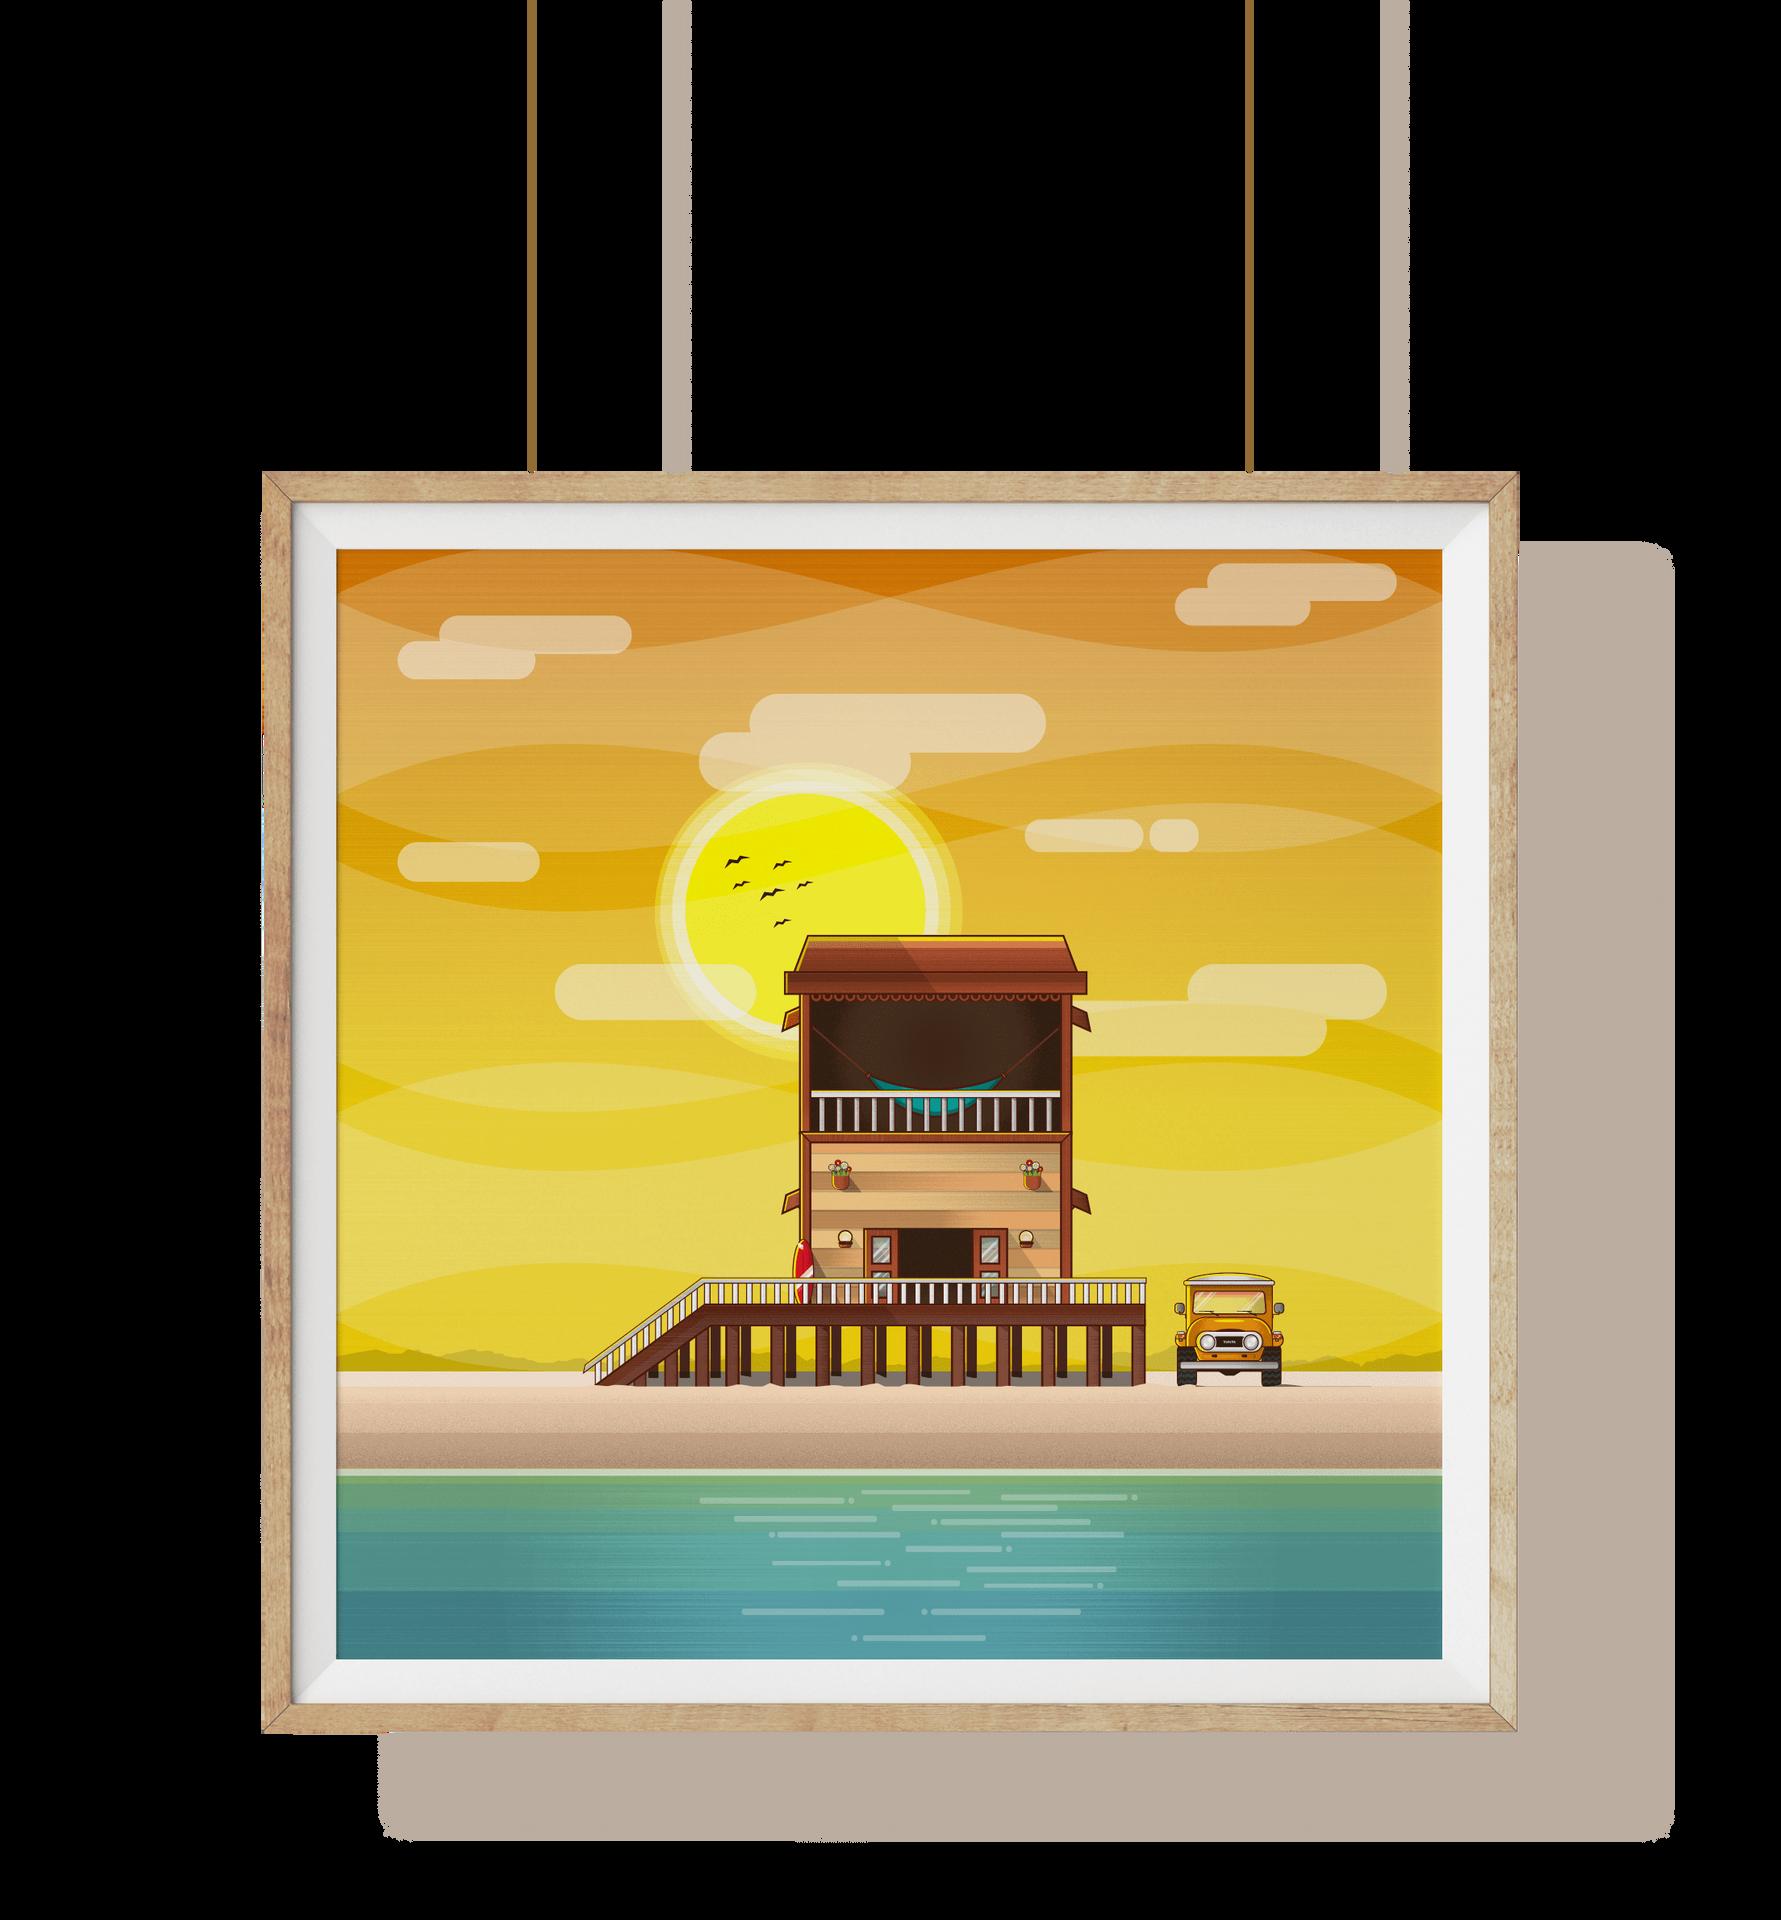 summer beach house-min.png